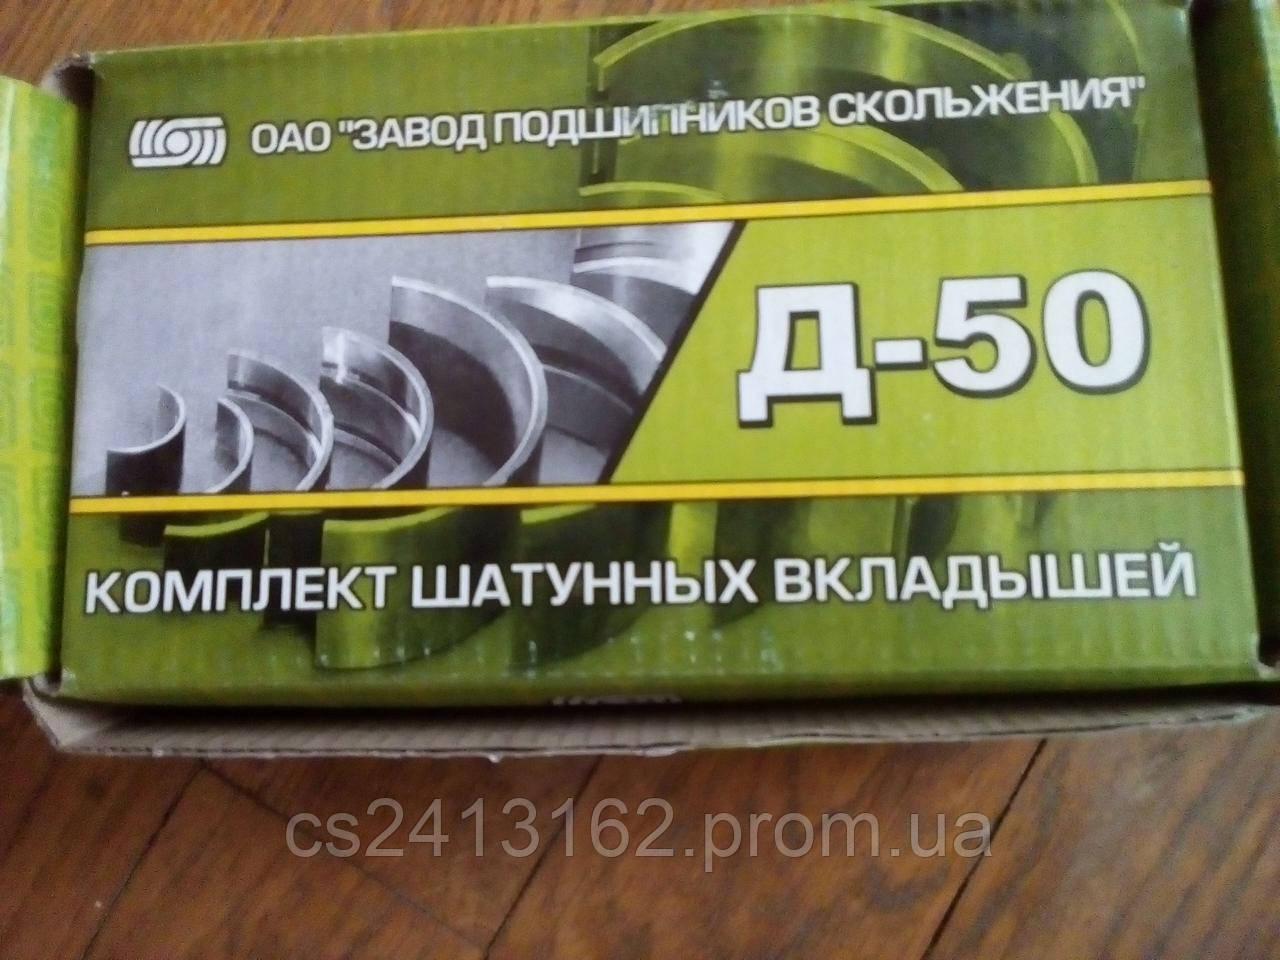 Вкладыши Д-240 шатун Н1 (Тамбов) 50-1004140 А1